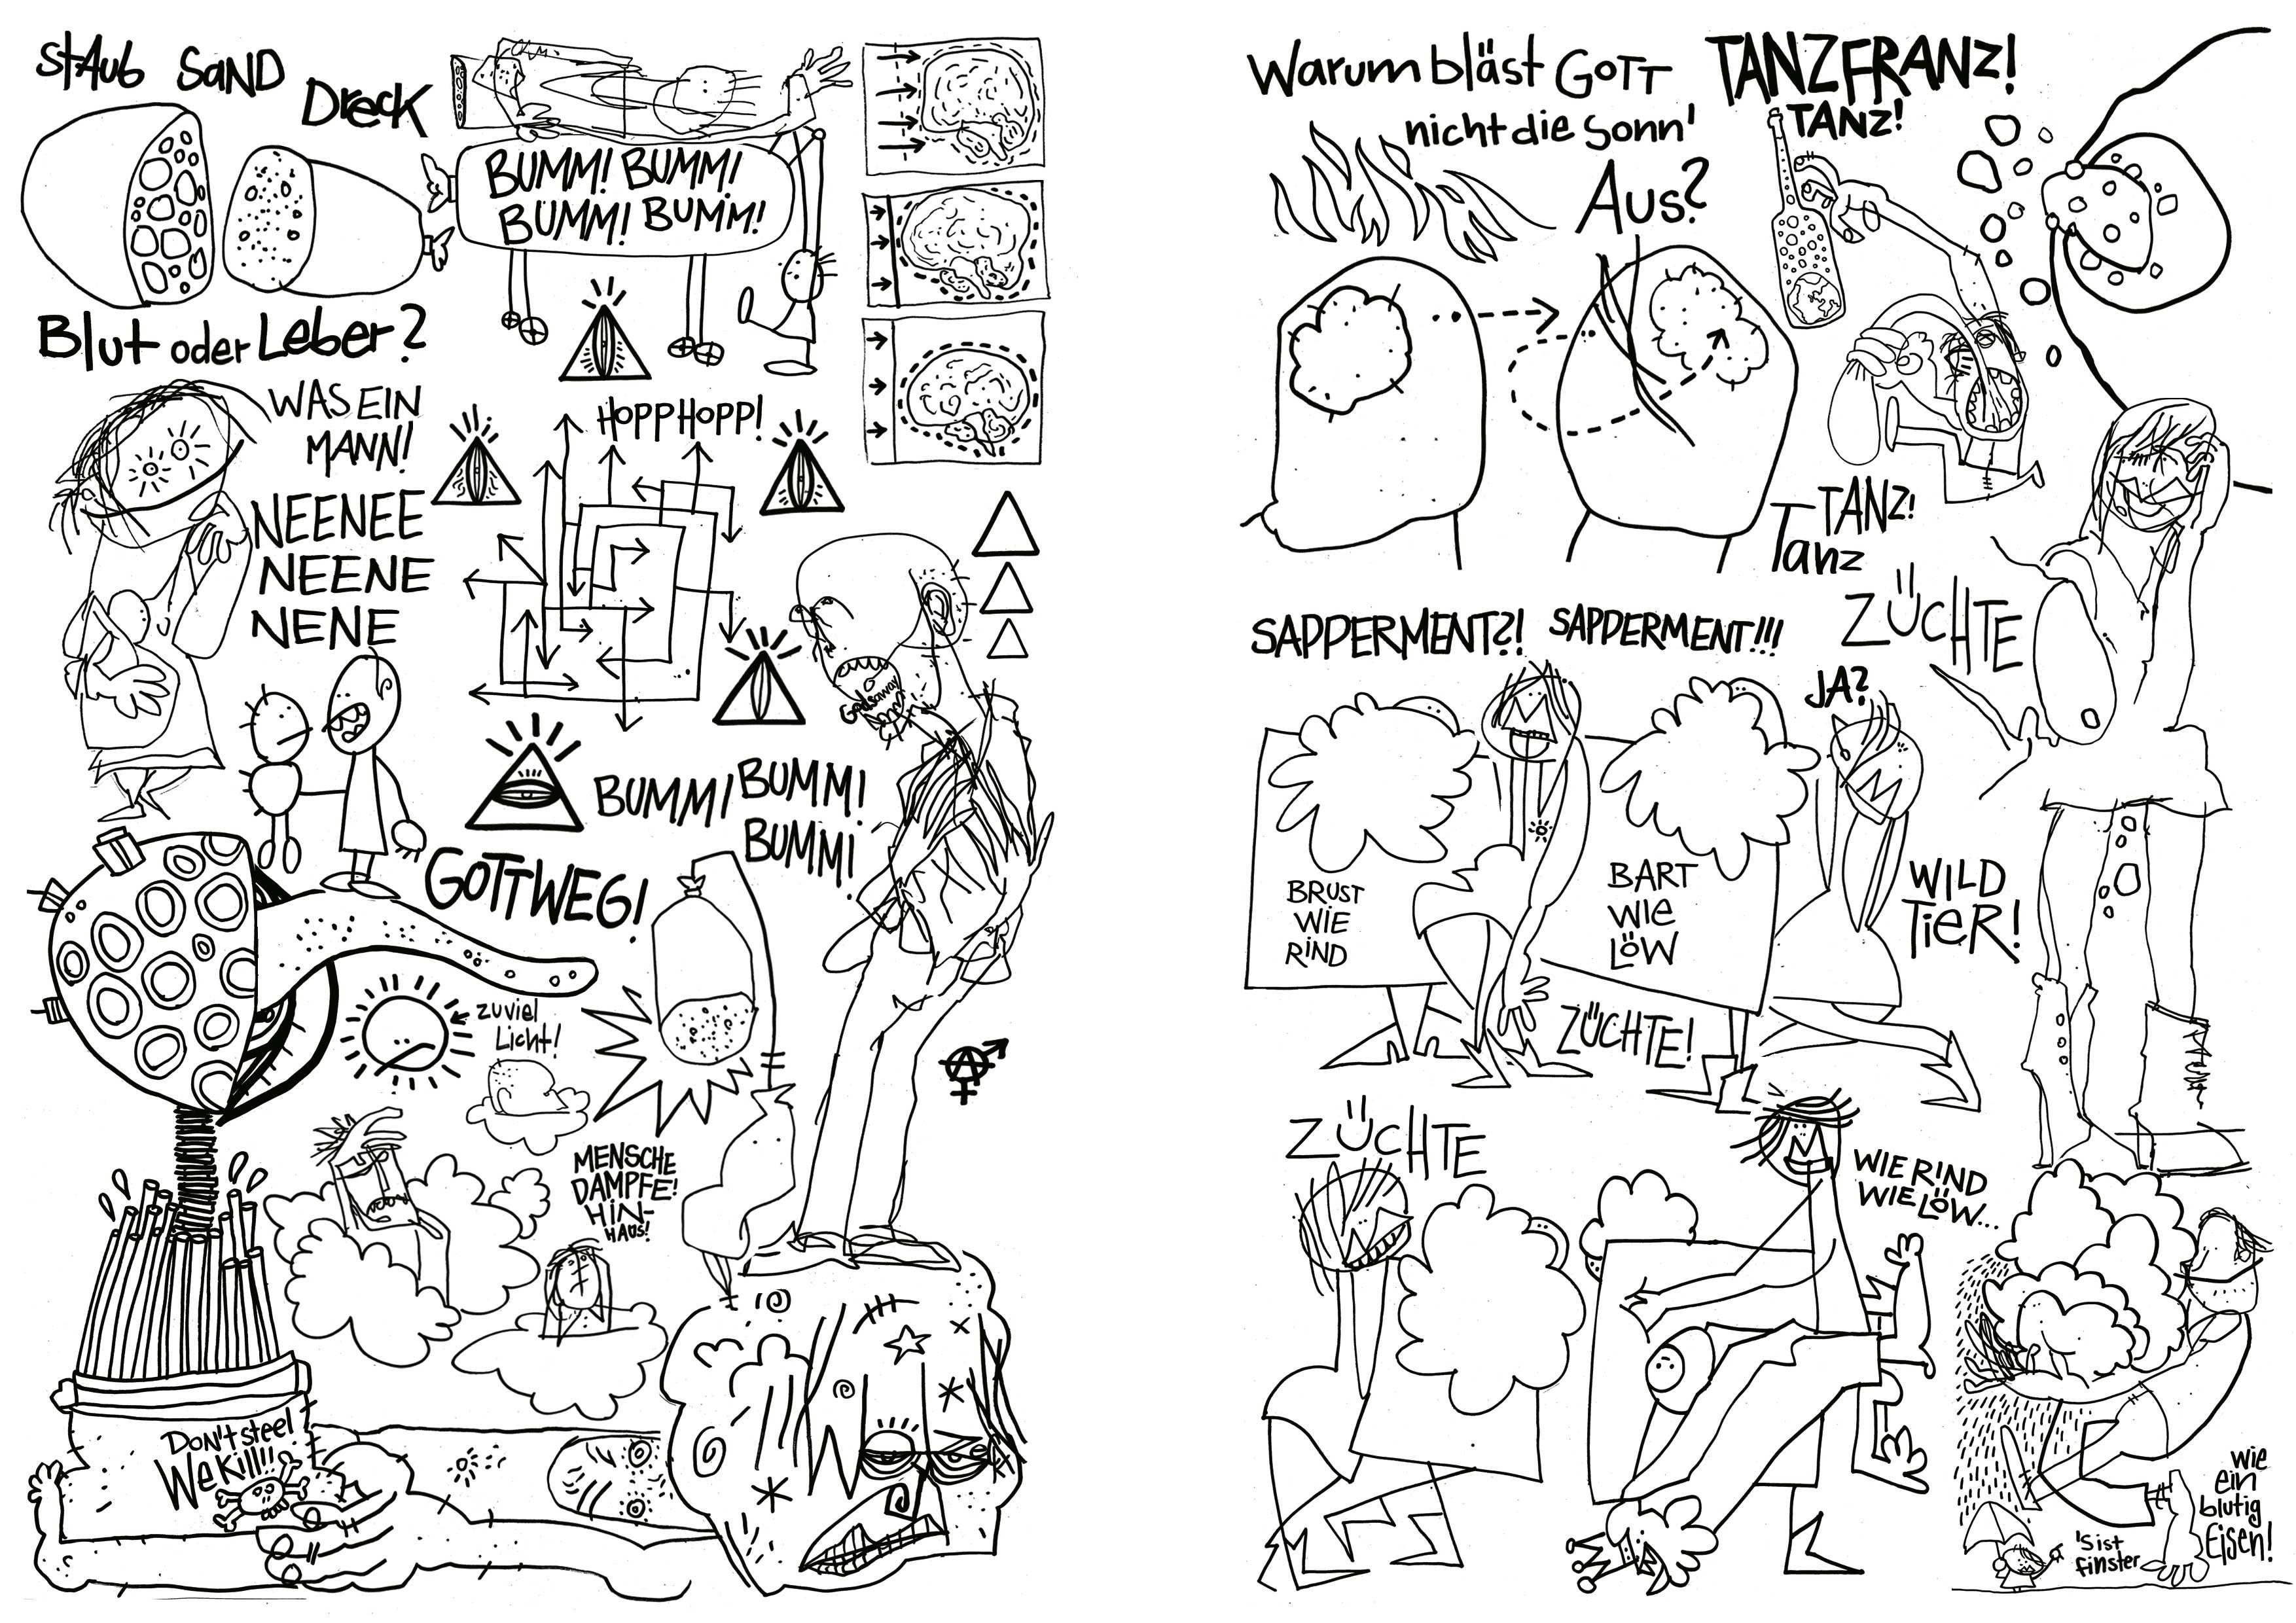 Woyzeck_nach den Proben, Tusche auf Papier, Seite 01/02,Comic Programmheft Thalia Theater Hamburg, 2010